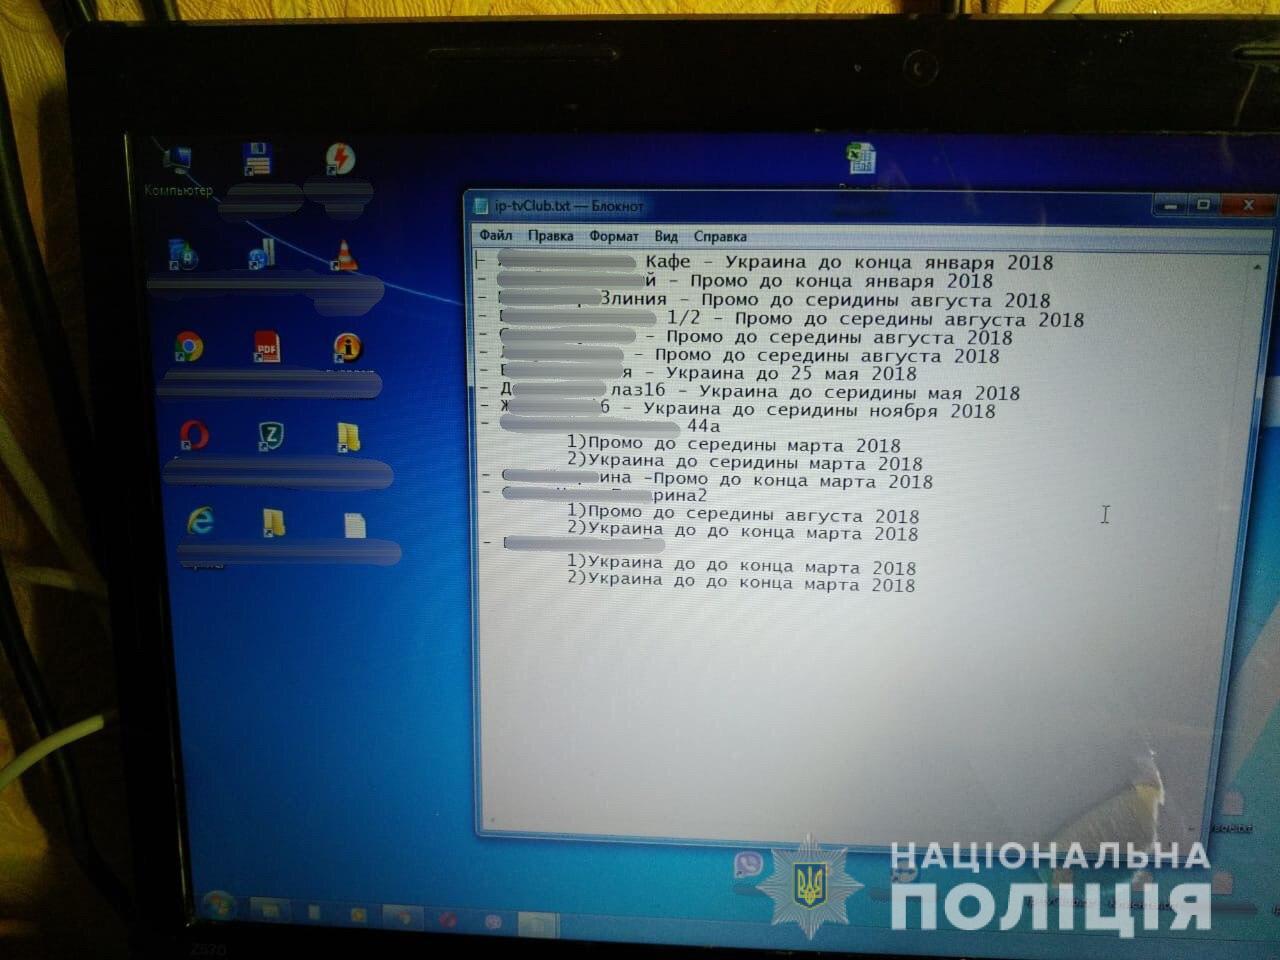 Впервые в Украине: «Пирату» за съемку фильмов в кинотеатре грозит реальный срок